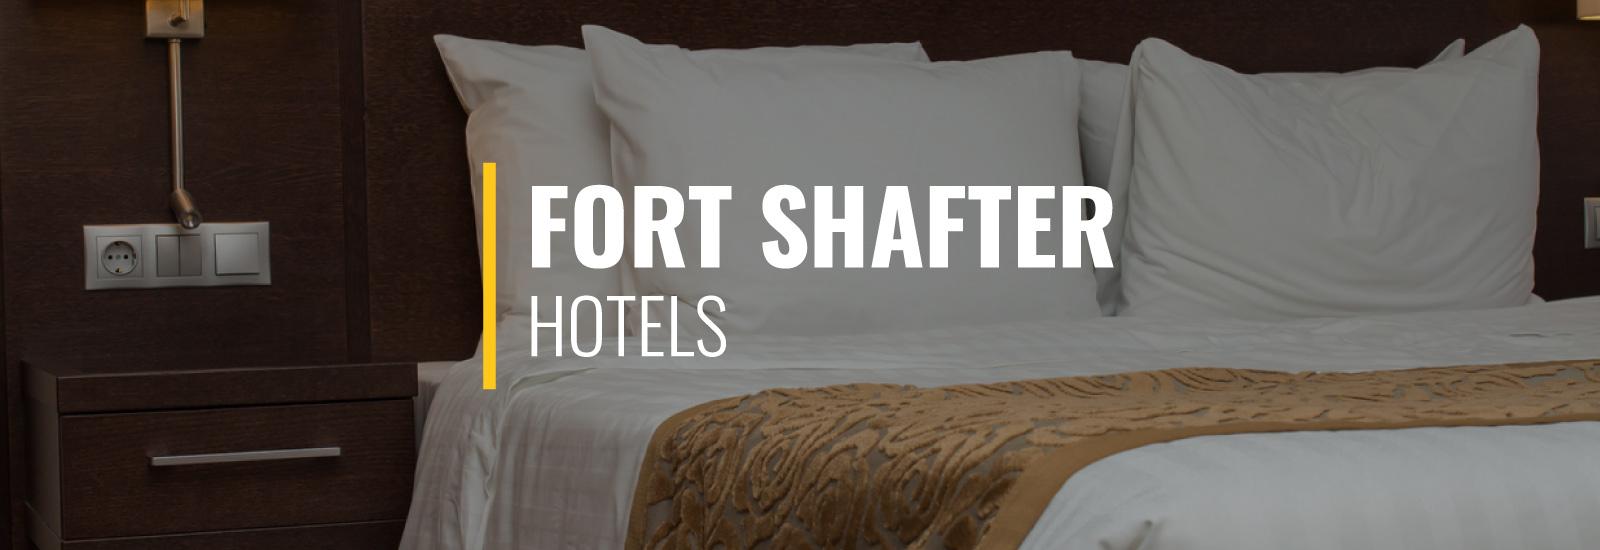 Fort Shafter Hotels